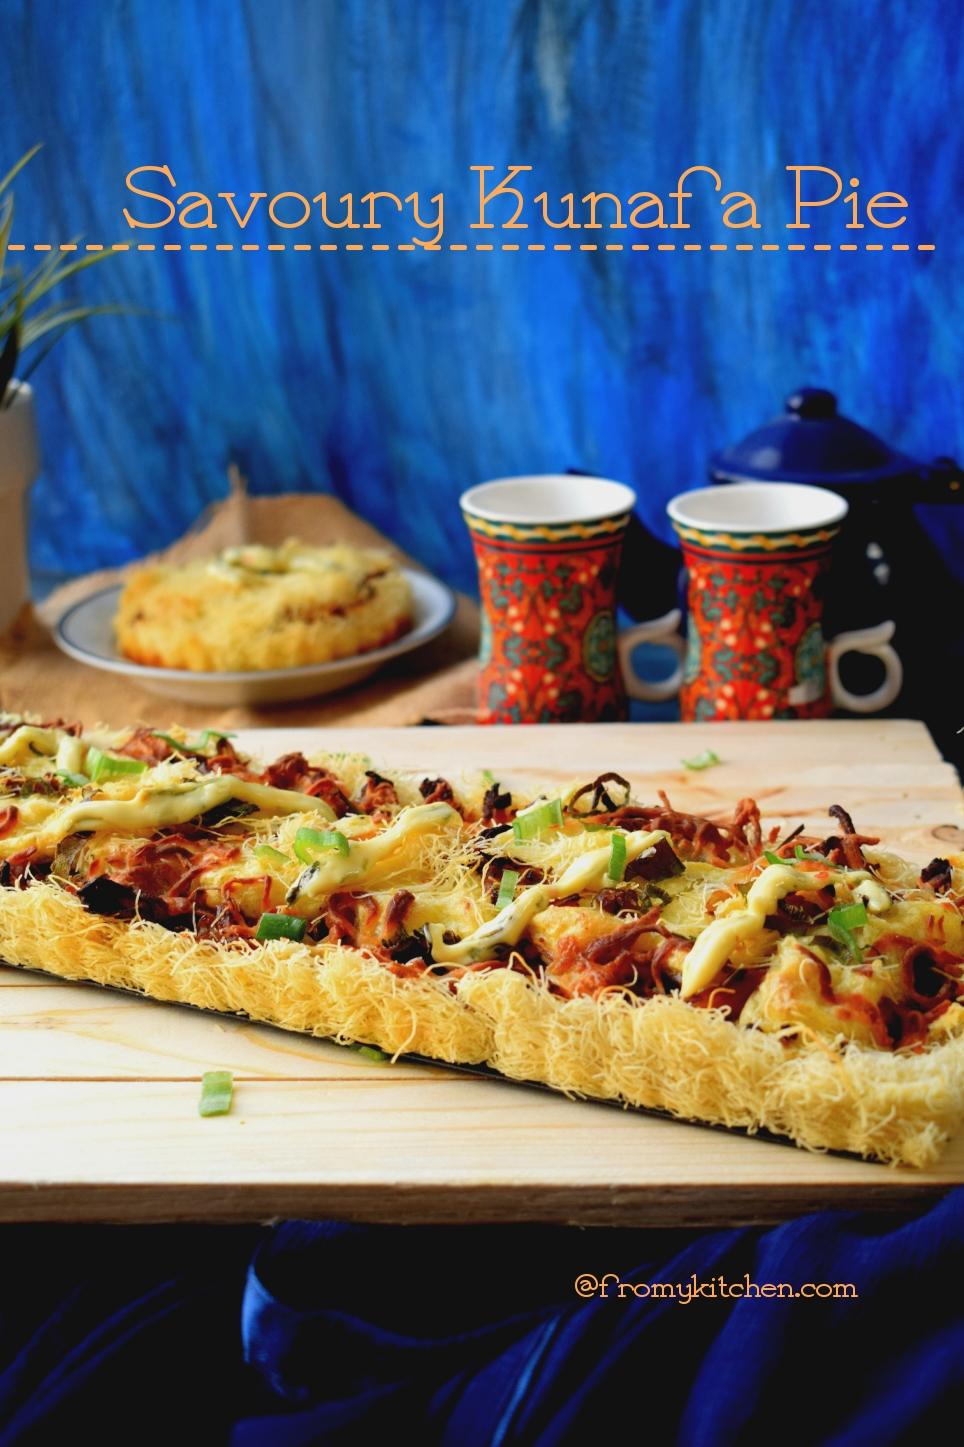 Savory Kunafa Pie